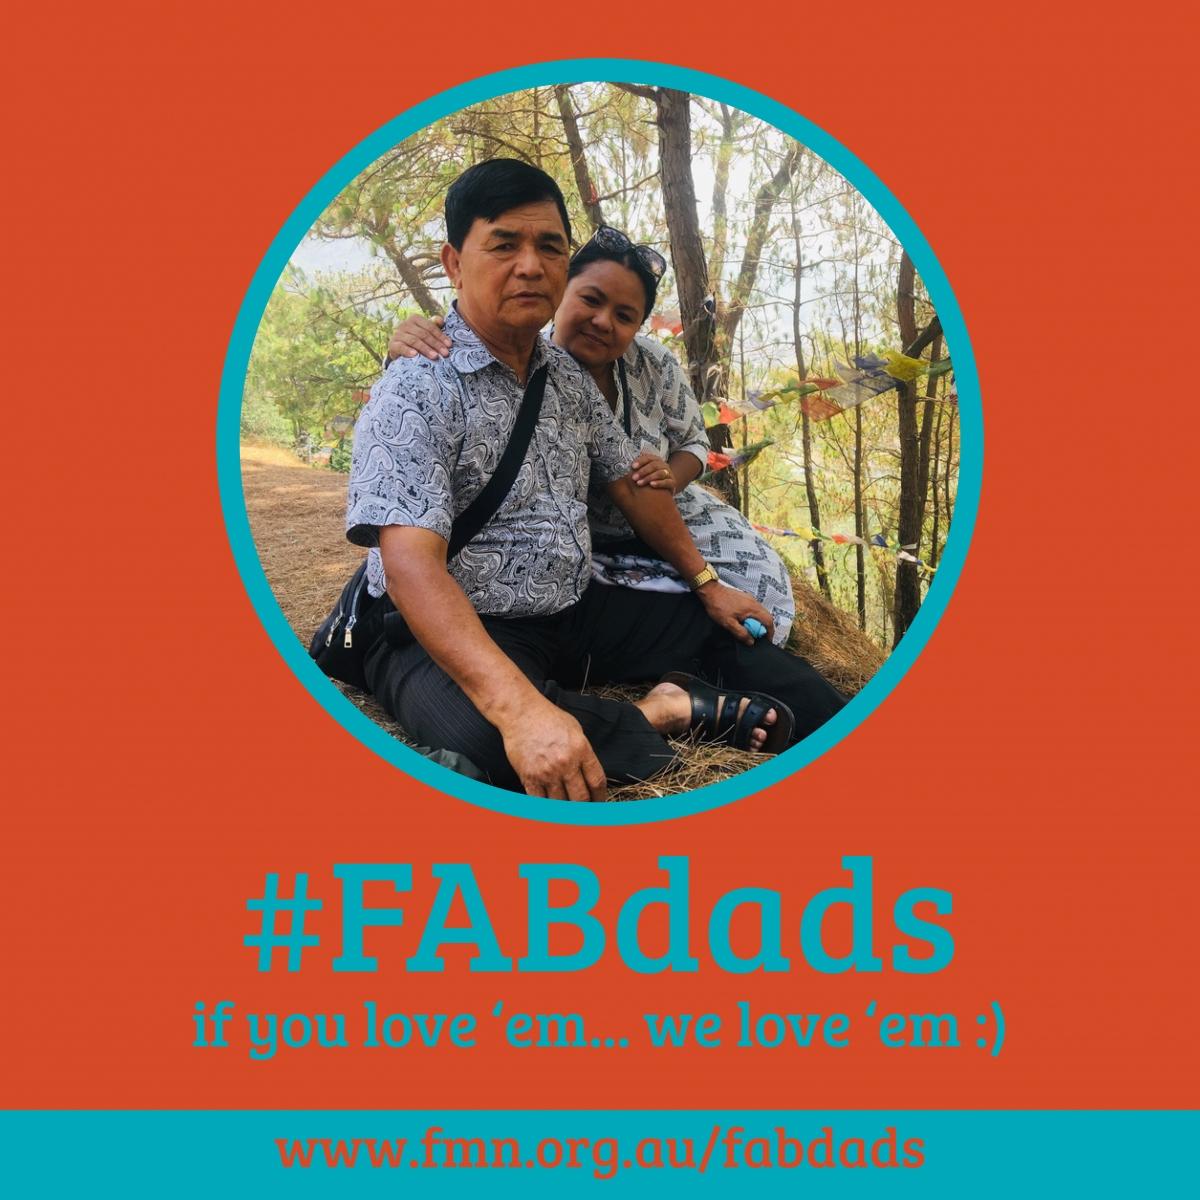 FABdads-Anju-Daddy-fb